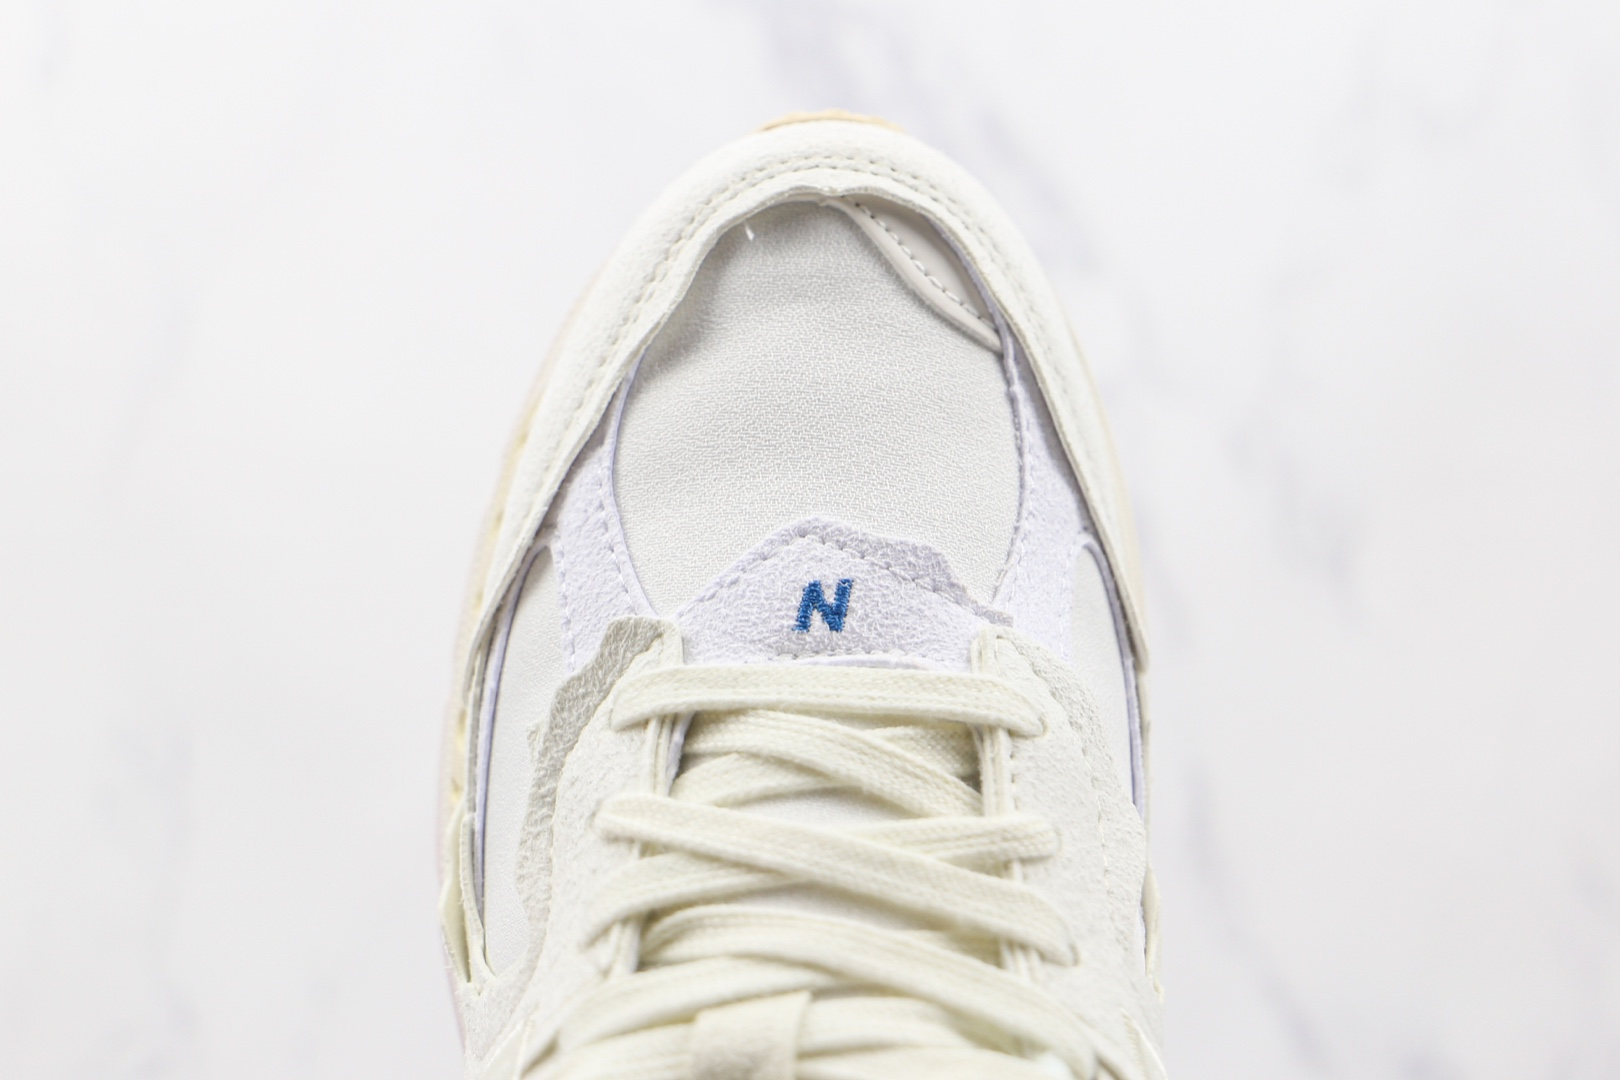 新百伦New Balance 2002R Protection Pack纯原版本海盐白色NB2002不规则剪裁复古解构老爹鞋原档案数据开发 货号:M2002RDC